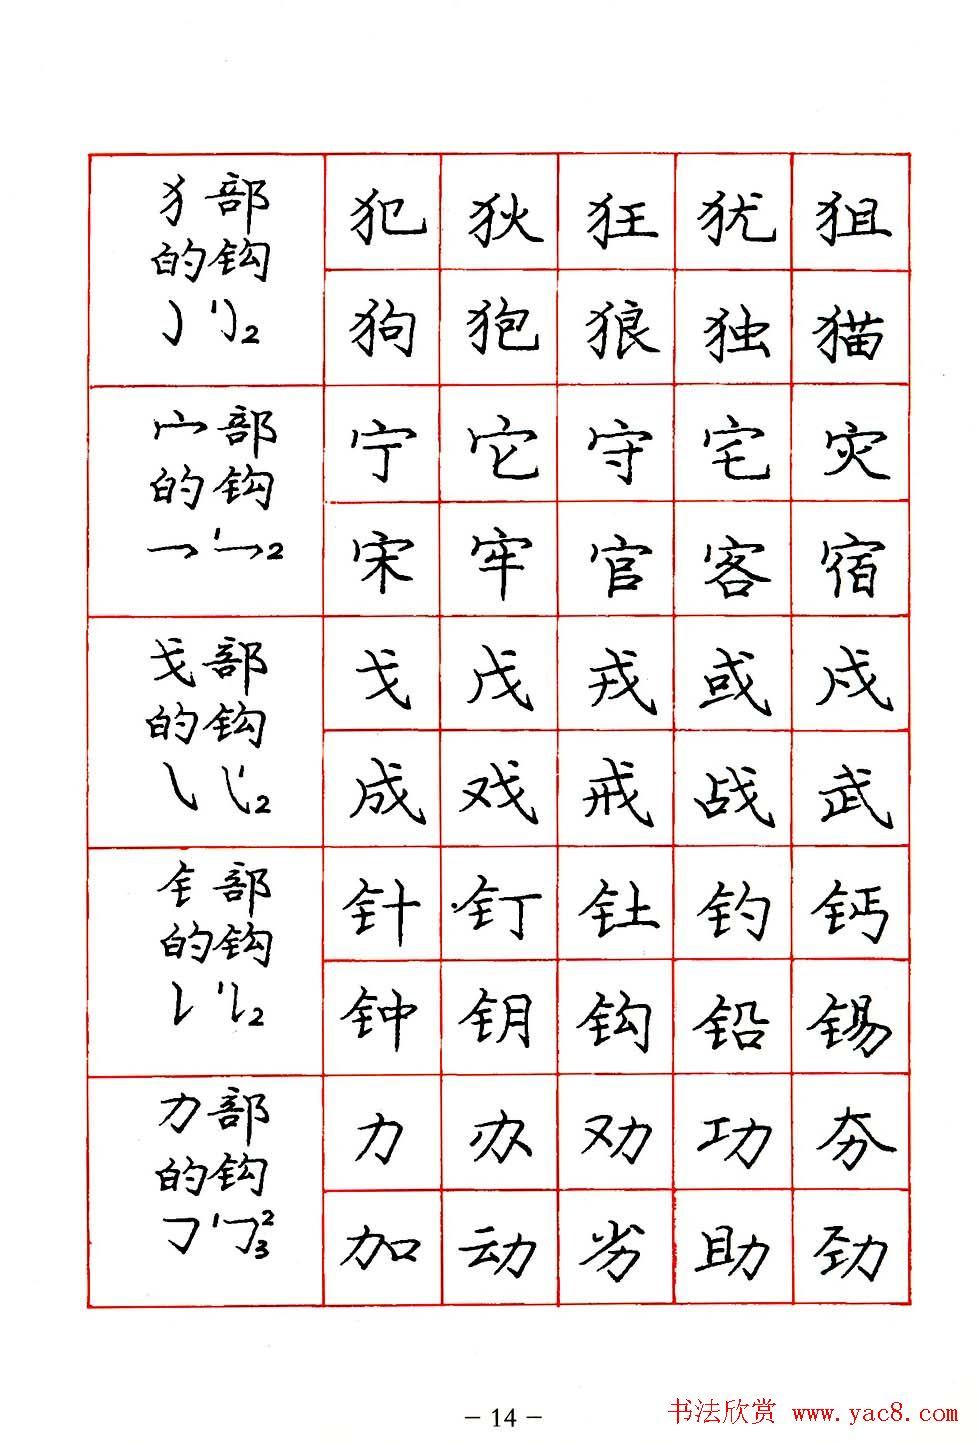 庞中华楷书规范字帖下载.pdf(14)